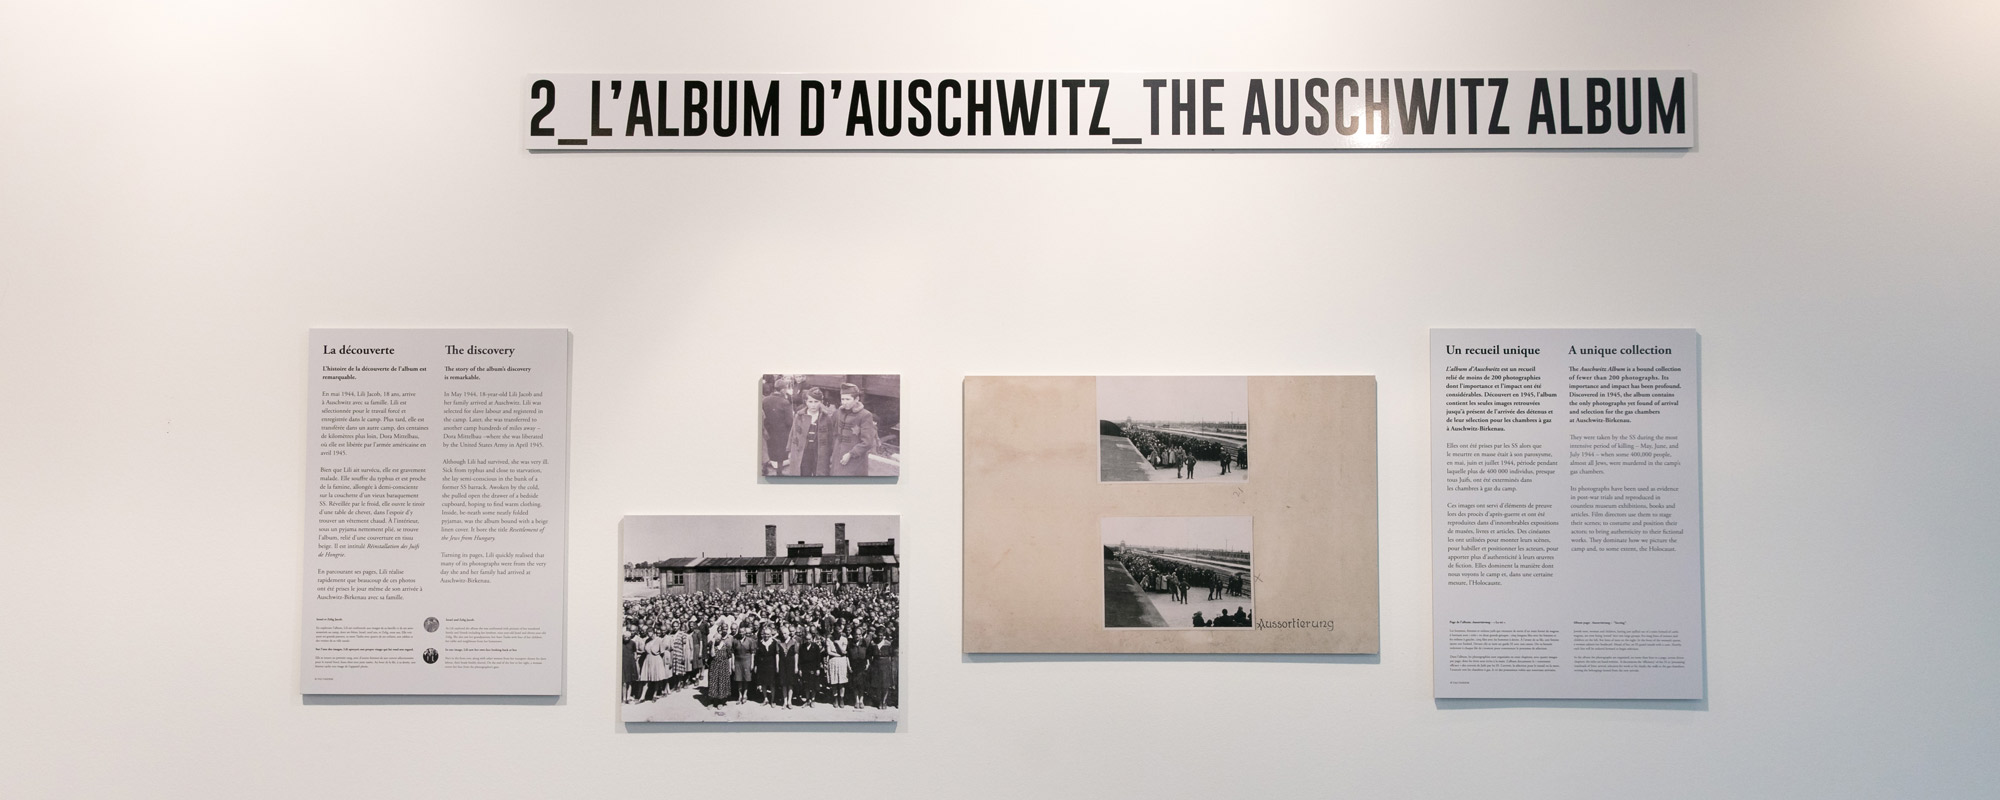 SeeingAuschwitz_02.jpg